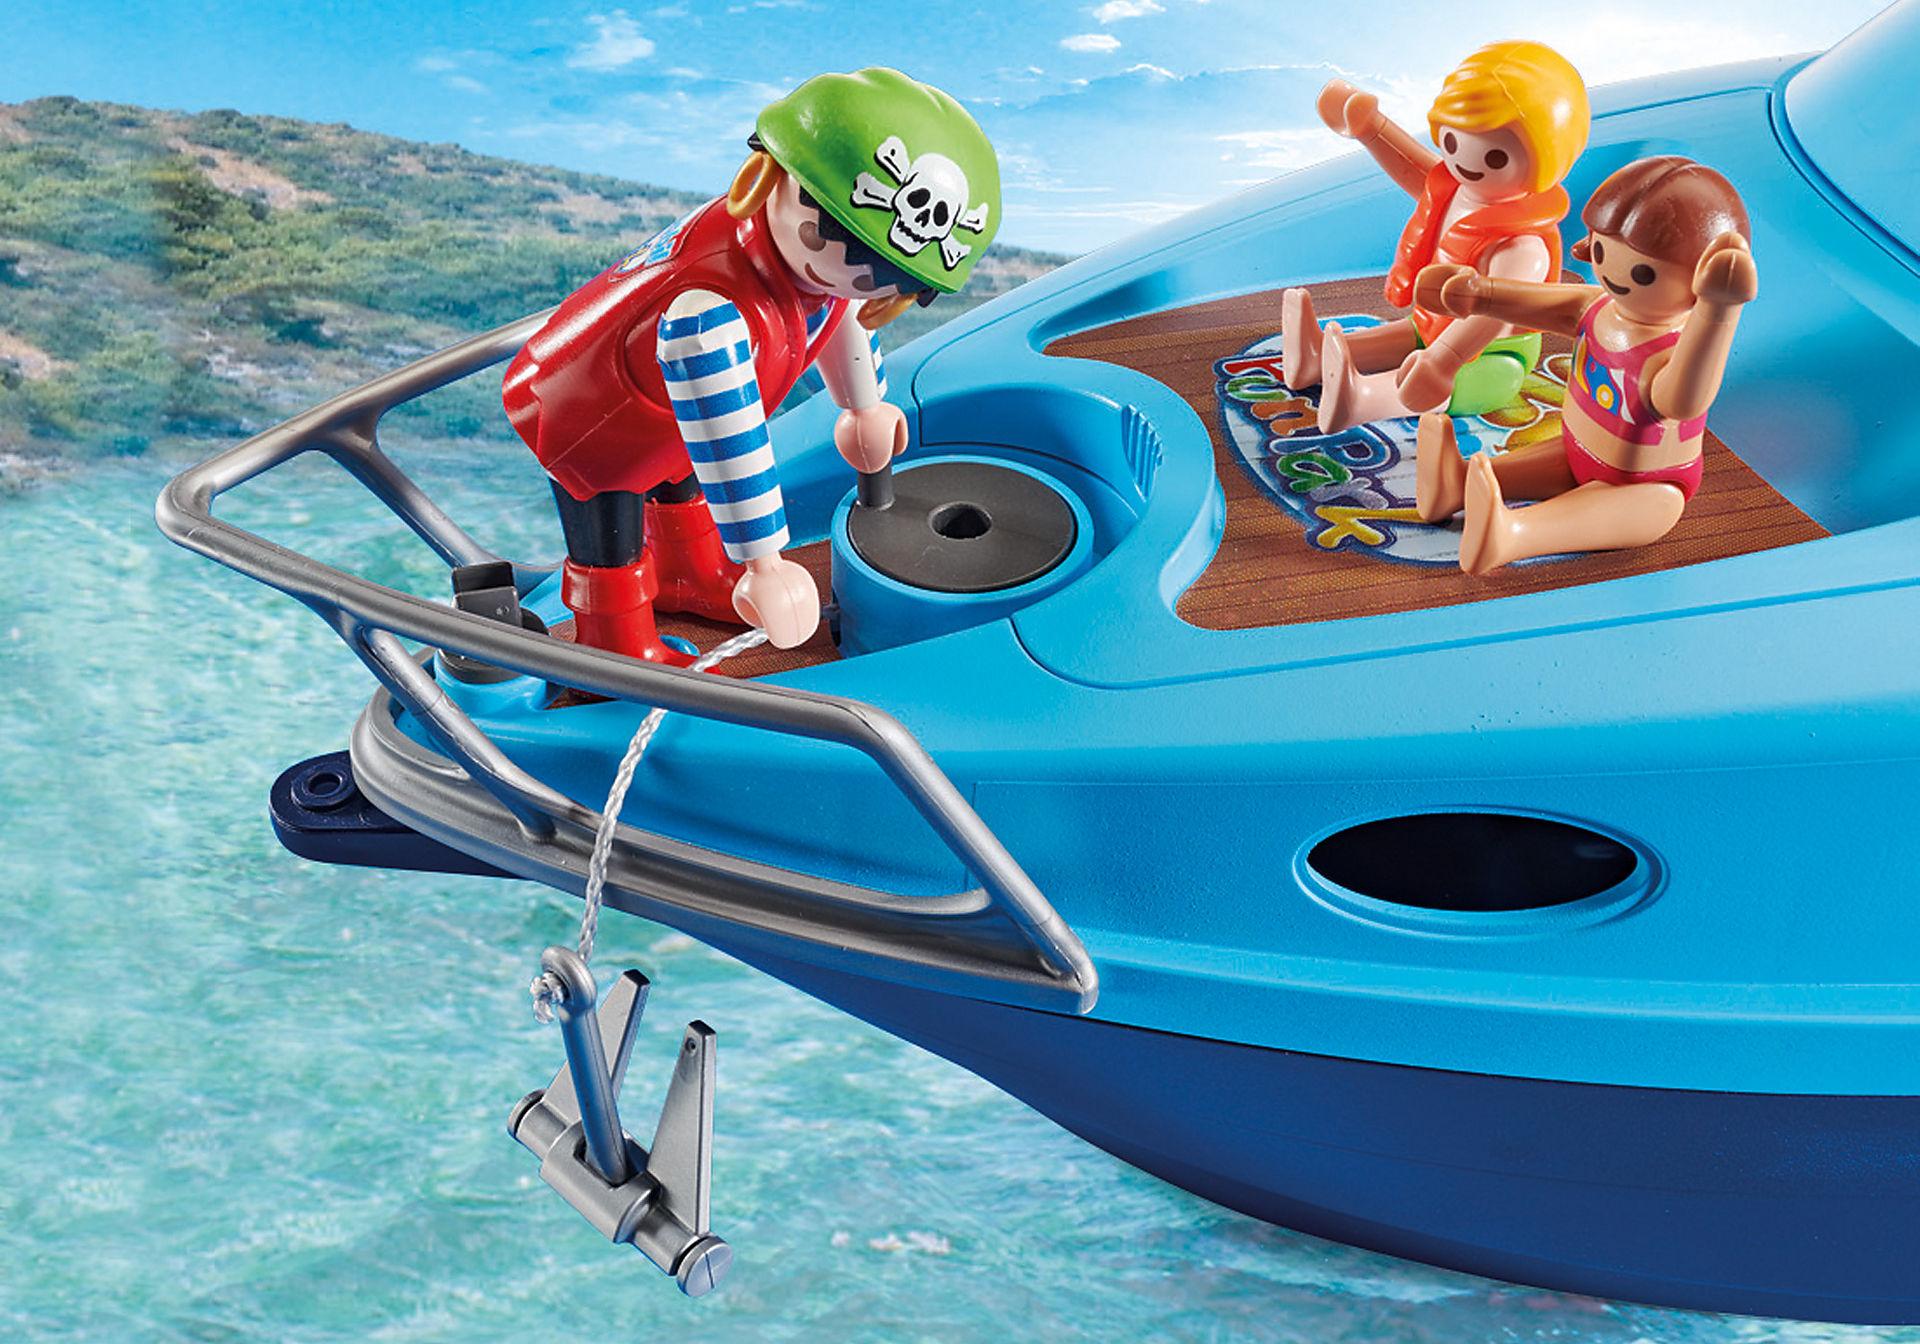 70630 PLAYMOBIL - Funpark jacht met waterscooter zoom image4